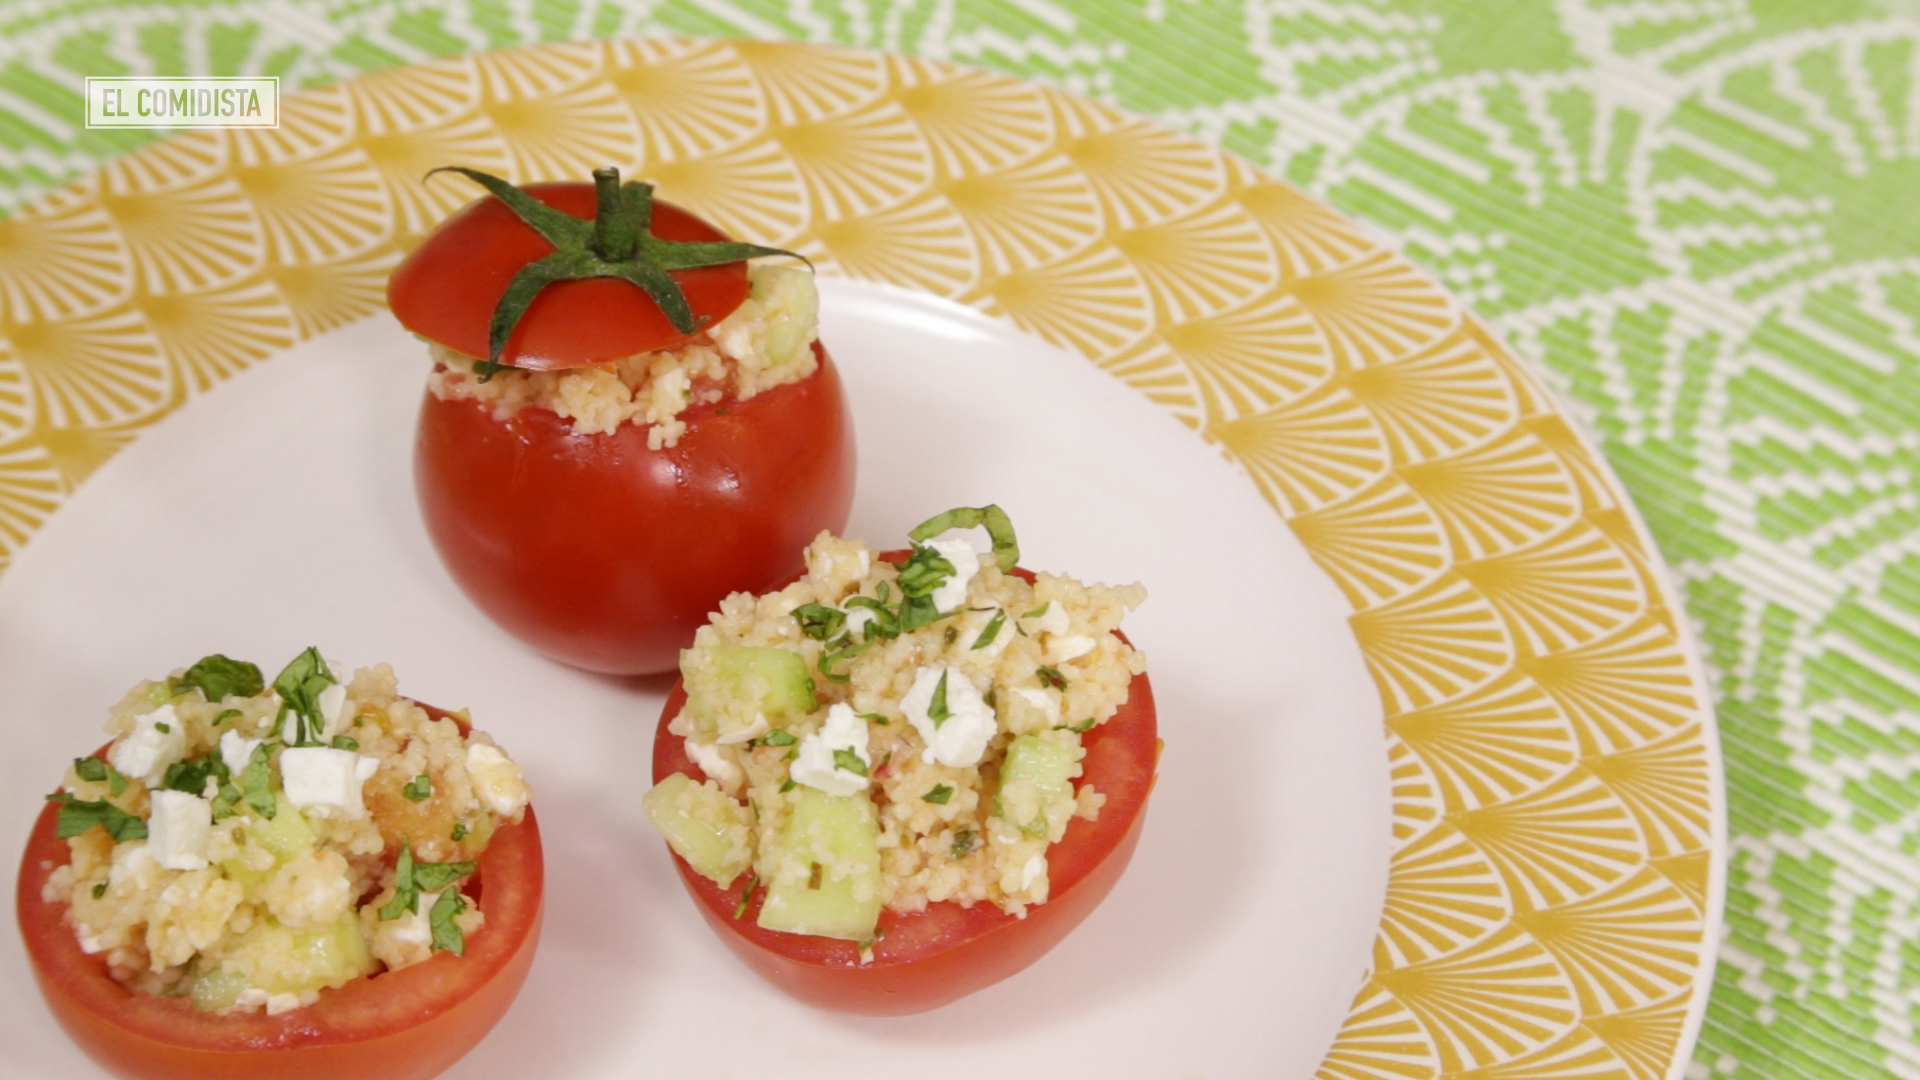 Recetas De Cocina Para Verano | Cocina De Verano En El Comidista El Pais